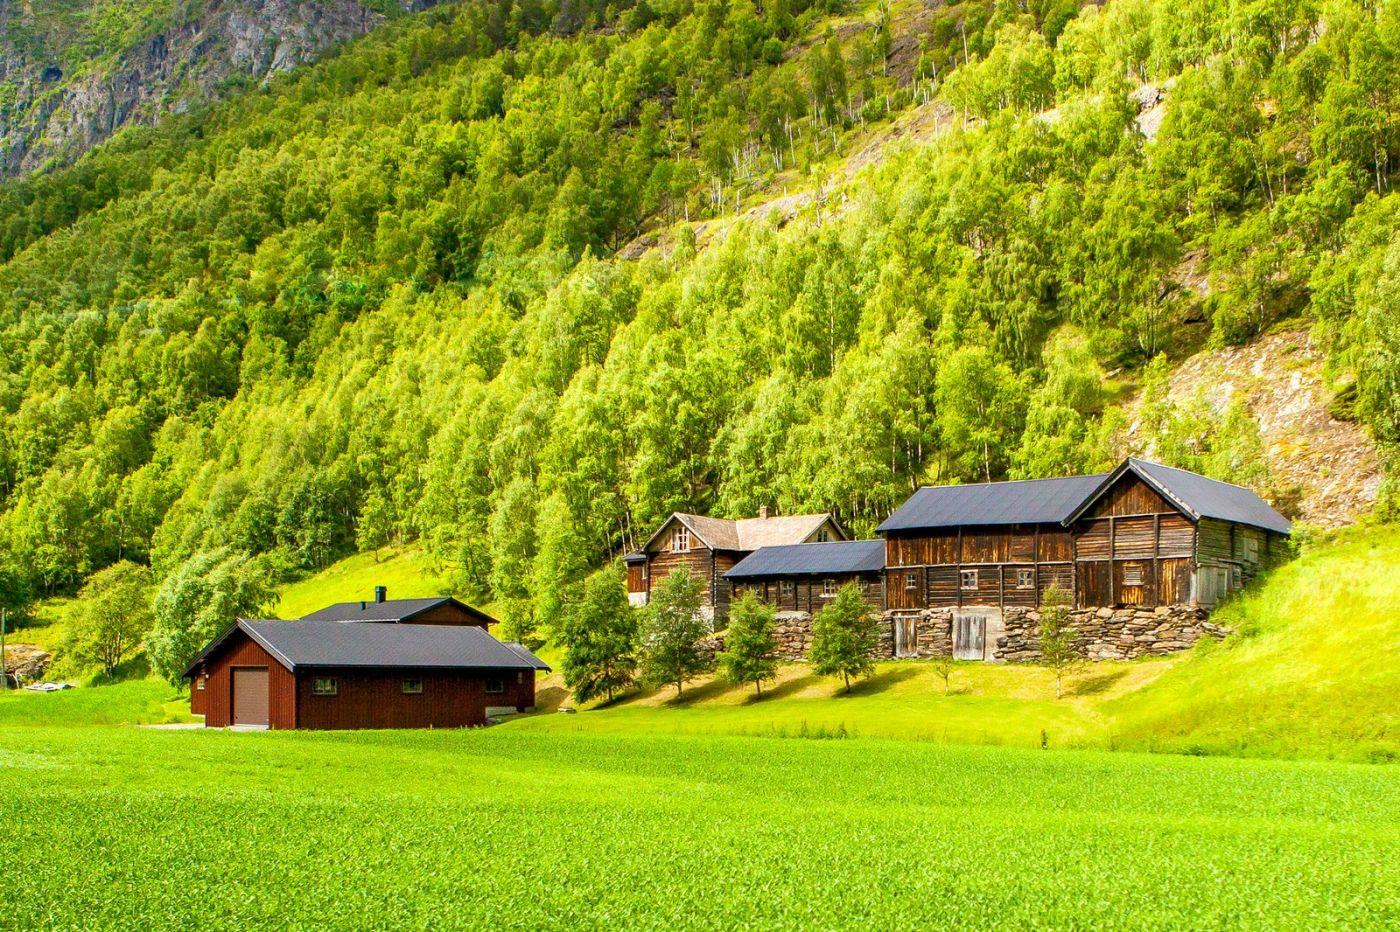 北欧旅途,美丽的田园_图1-3